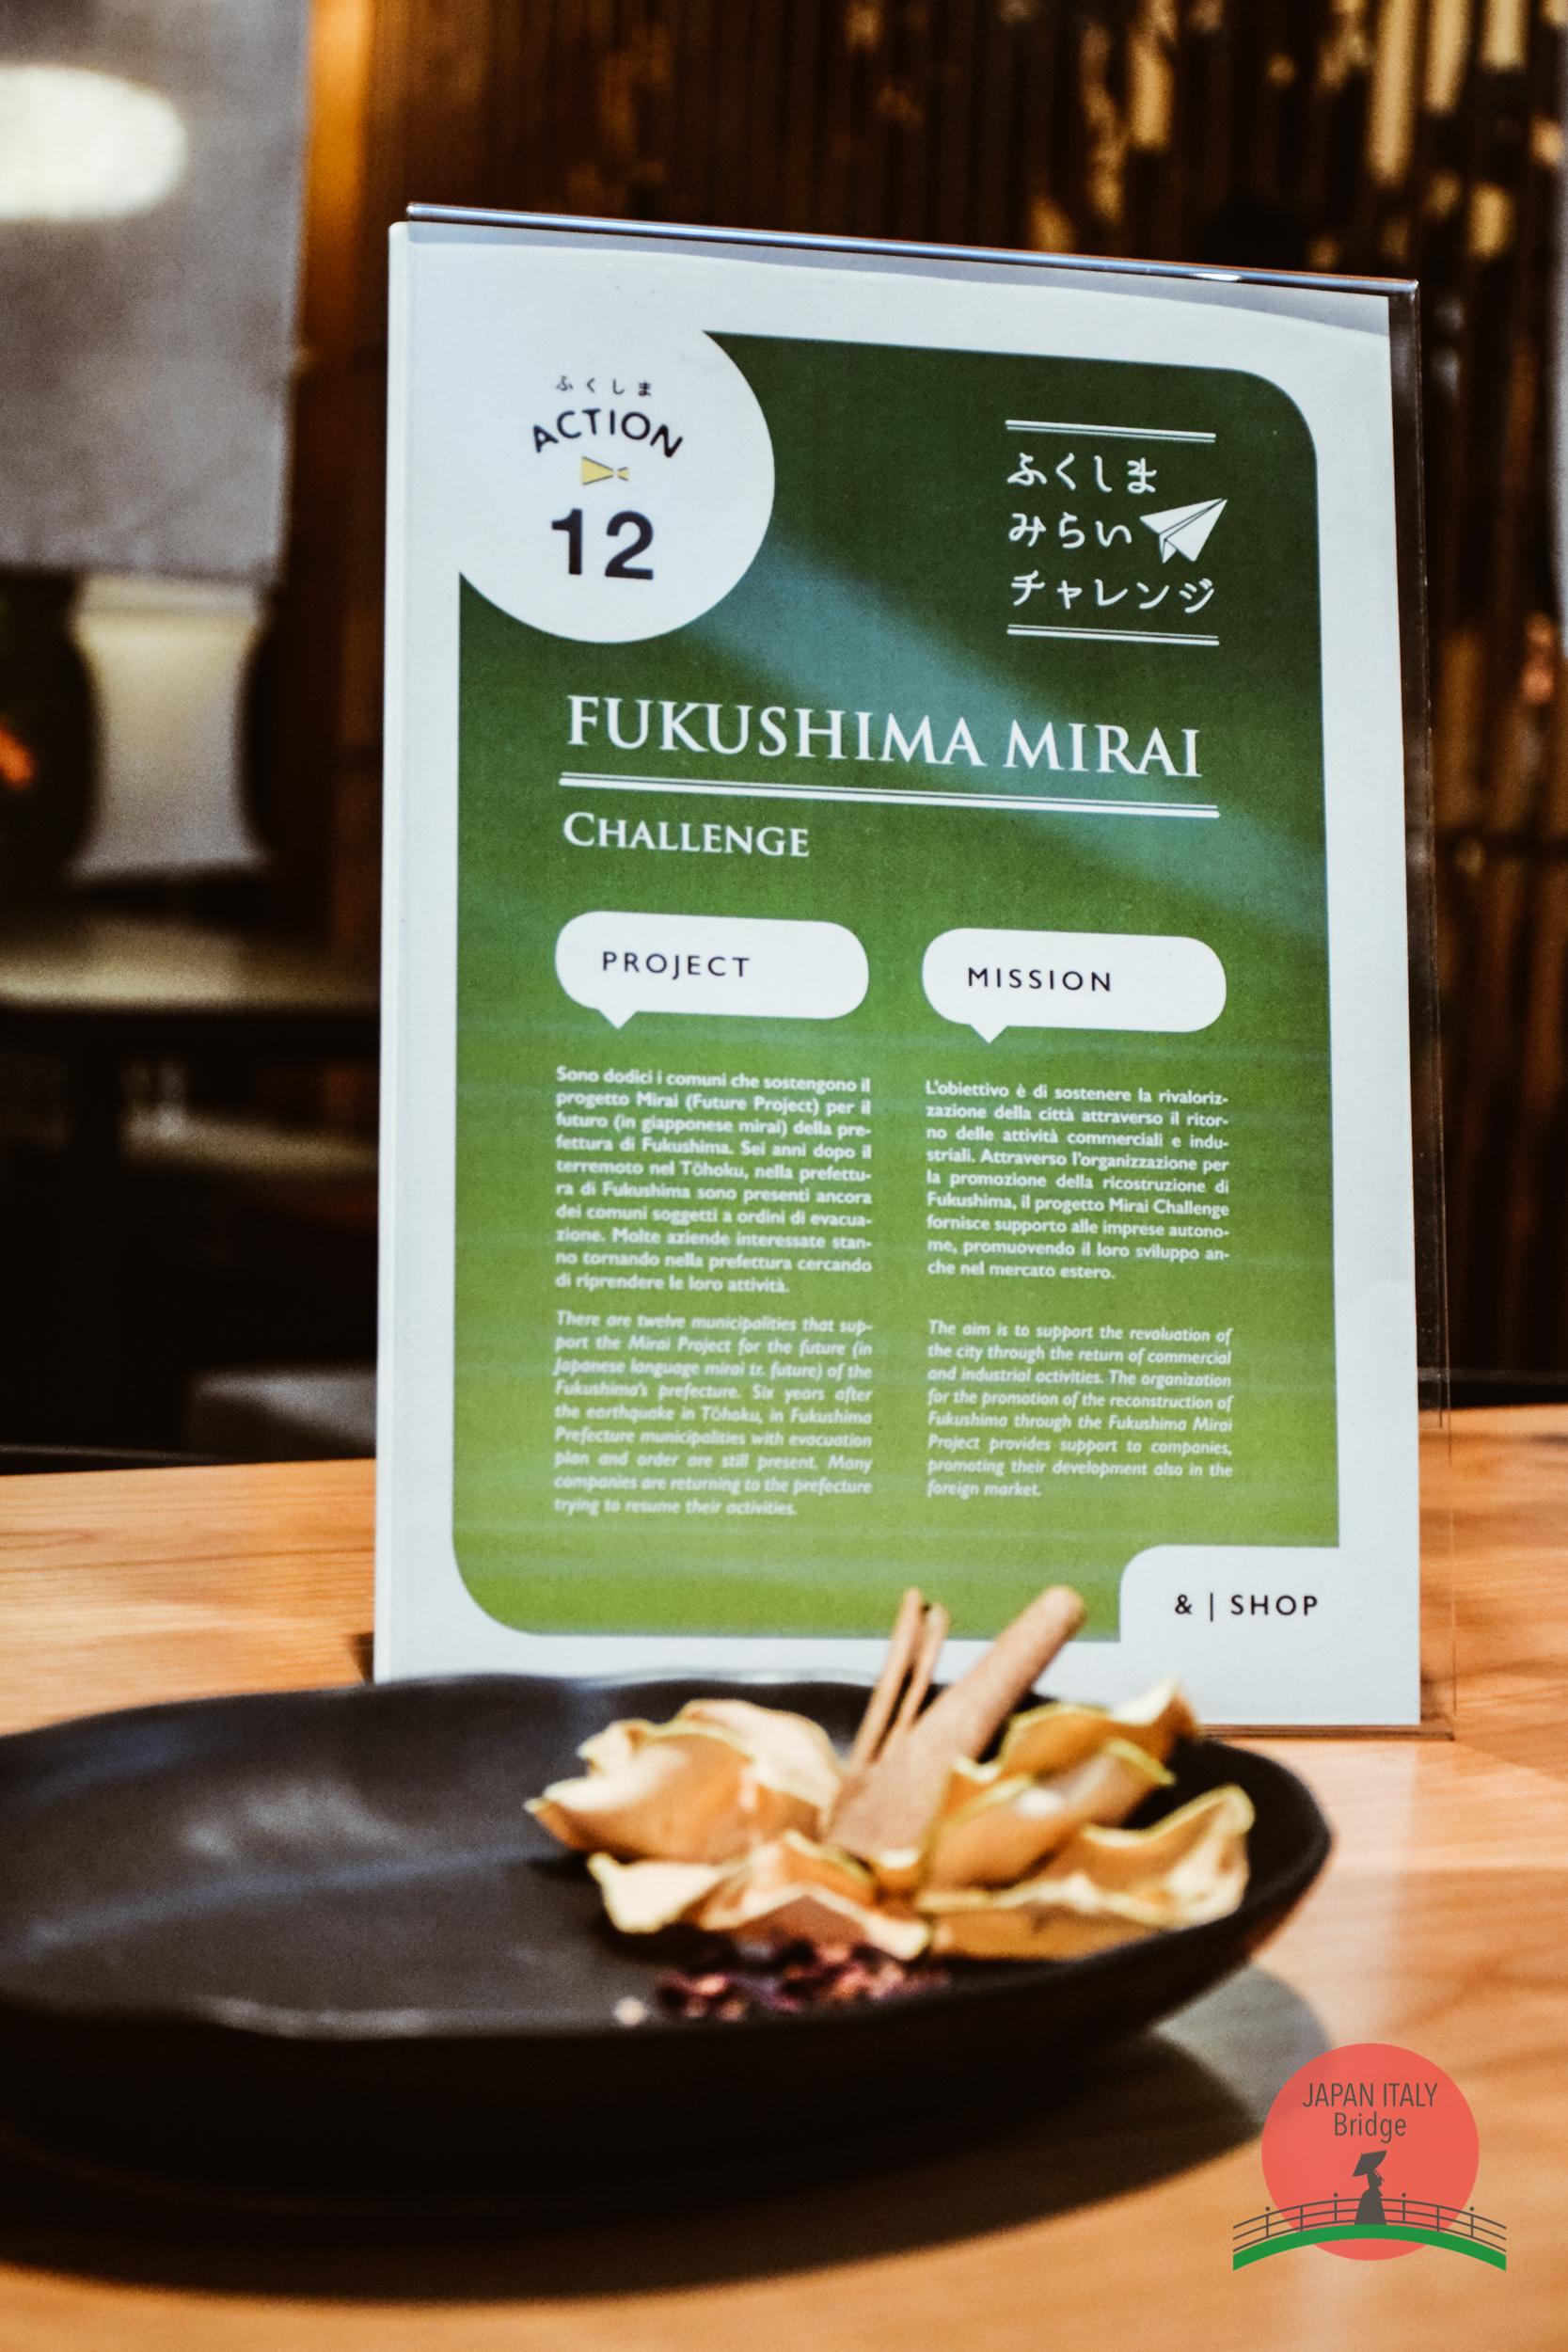 Fukushima Mirai Challenge